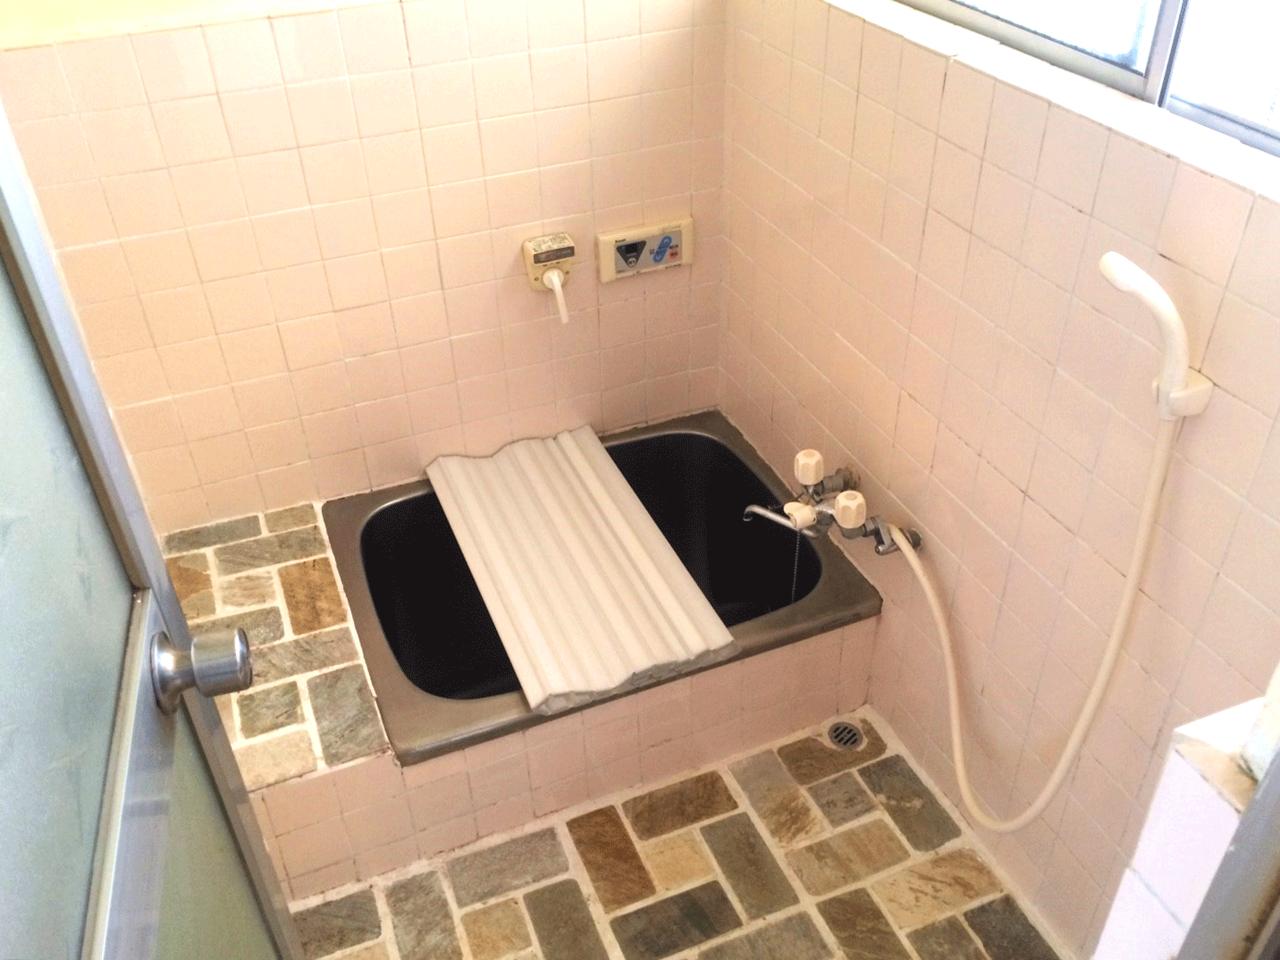 浴室はキレイに使用しています♪リフォームのご相談も承ります♪◆小倉南区北方駐車スペース4台分の戸建て住宅♪